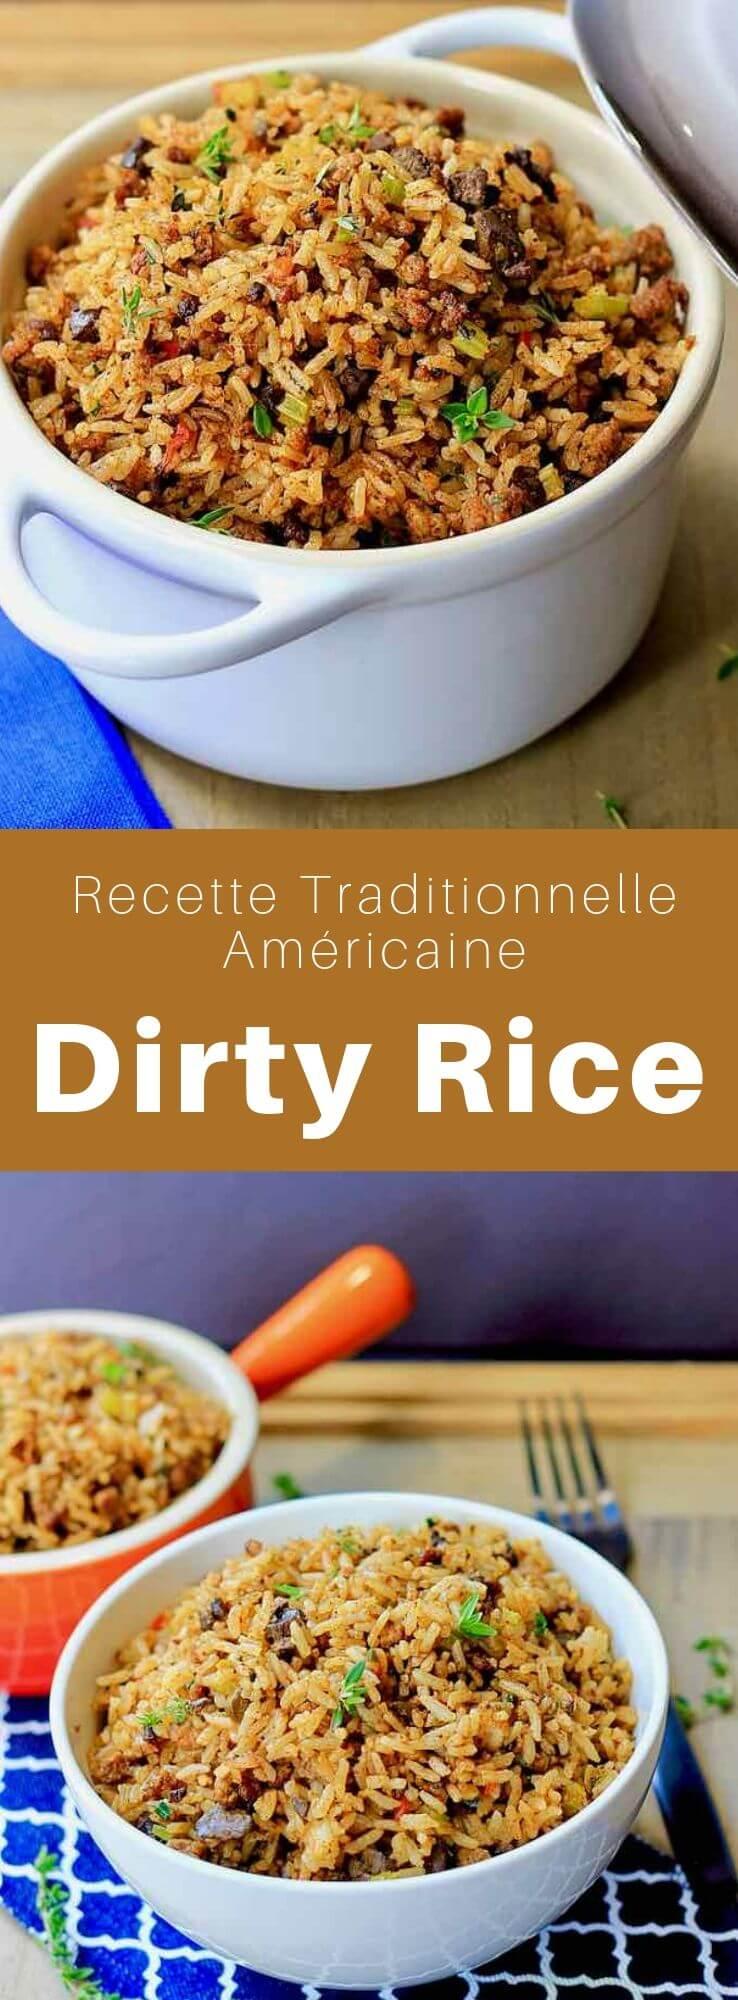 Le dirty rice est un plat créole populaire dans les régions créoles du sud de la Louisiane à base de riz, de bœuf et de porc hachés et de foies de poulet. #RecetteAmericaine #CuisineAmericaine #CuisineDuMonde #196flavors